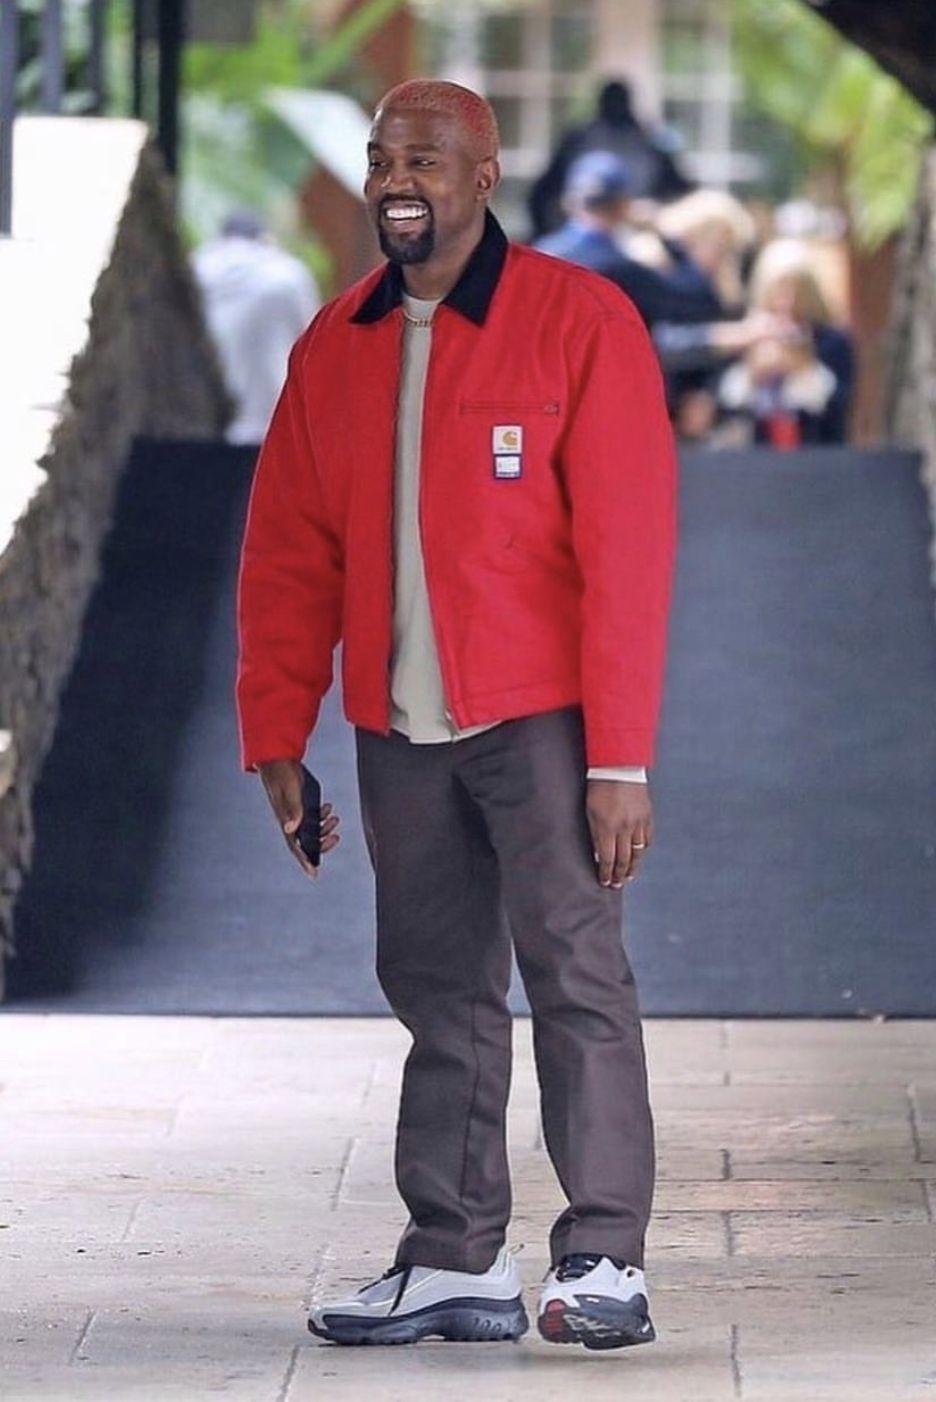 Pin By Jordi Ettinghausen On Kanye West Kanye West Style Kanye West Outfits Kanye Fashion